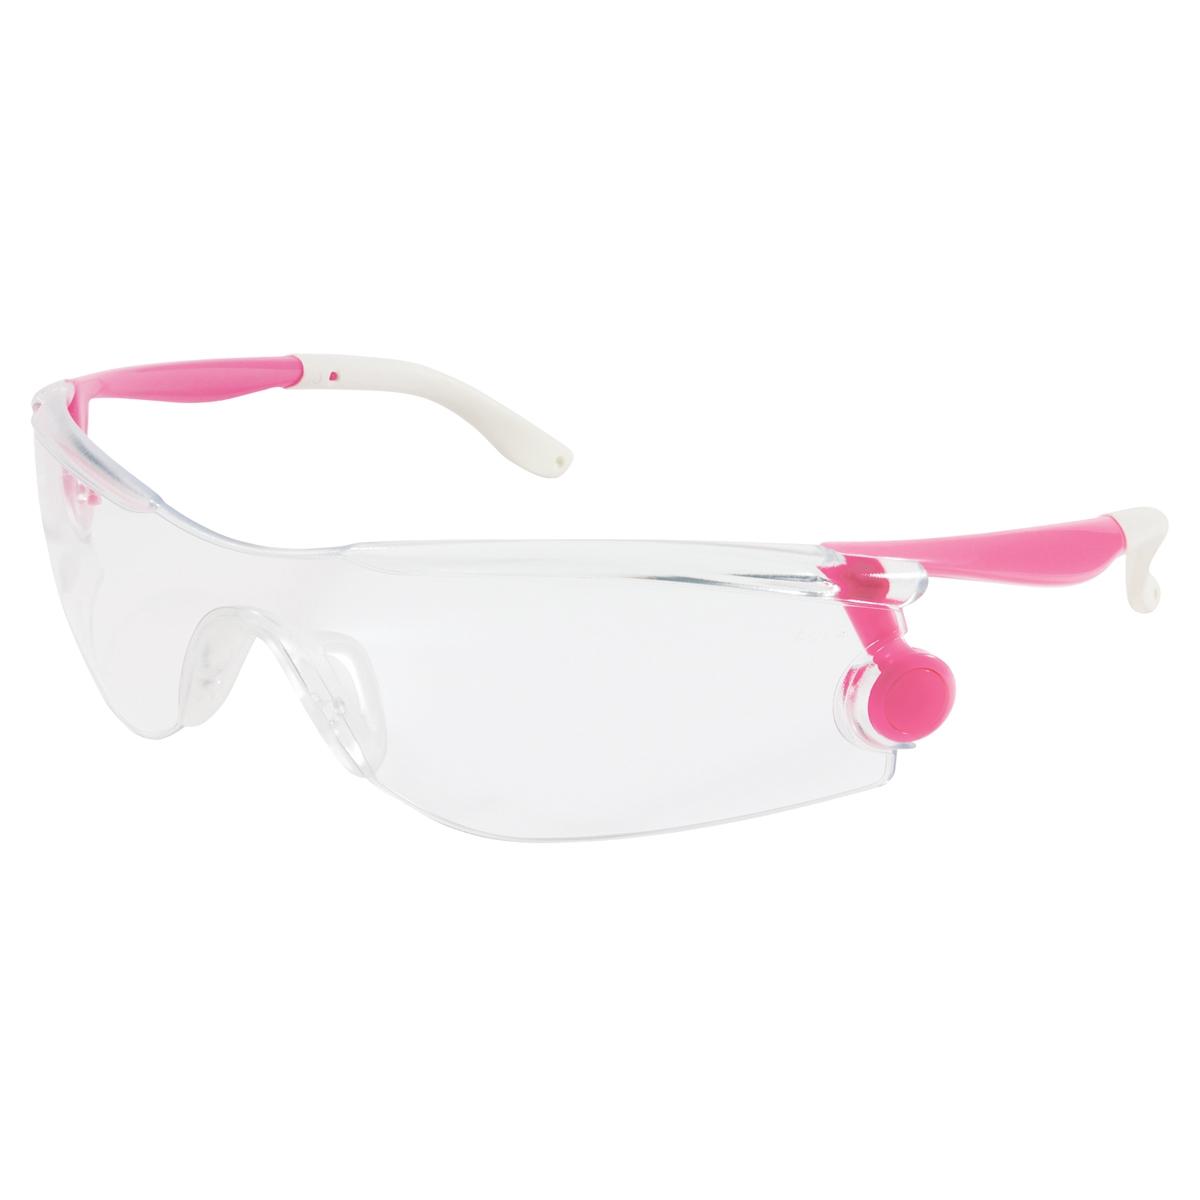 crews mantis safety glasses pink frame clear lens